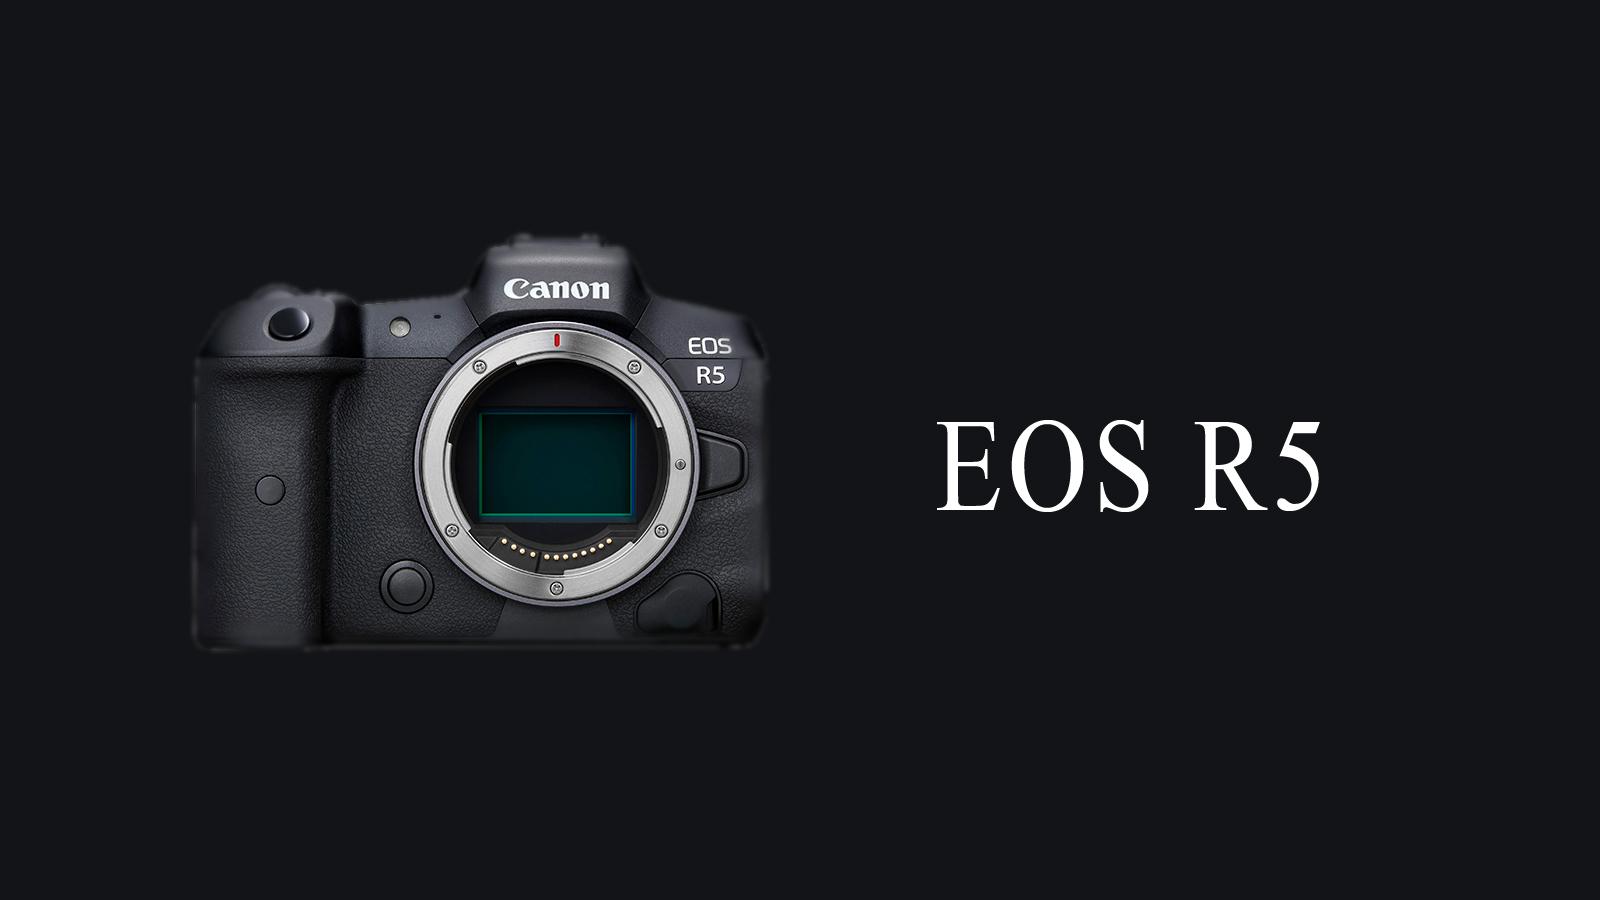 【Canon】私がEOS R5を選んだ理由